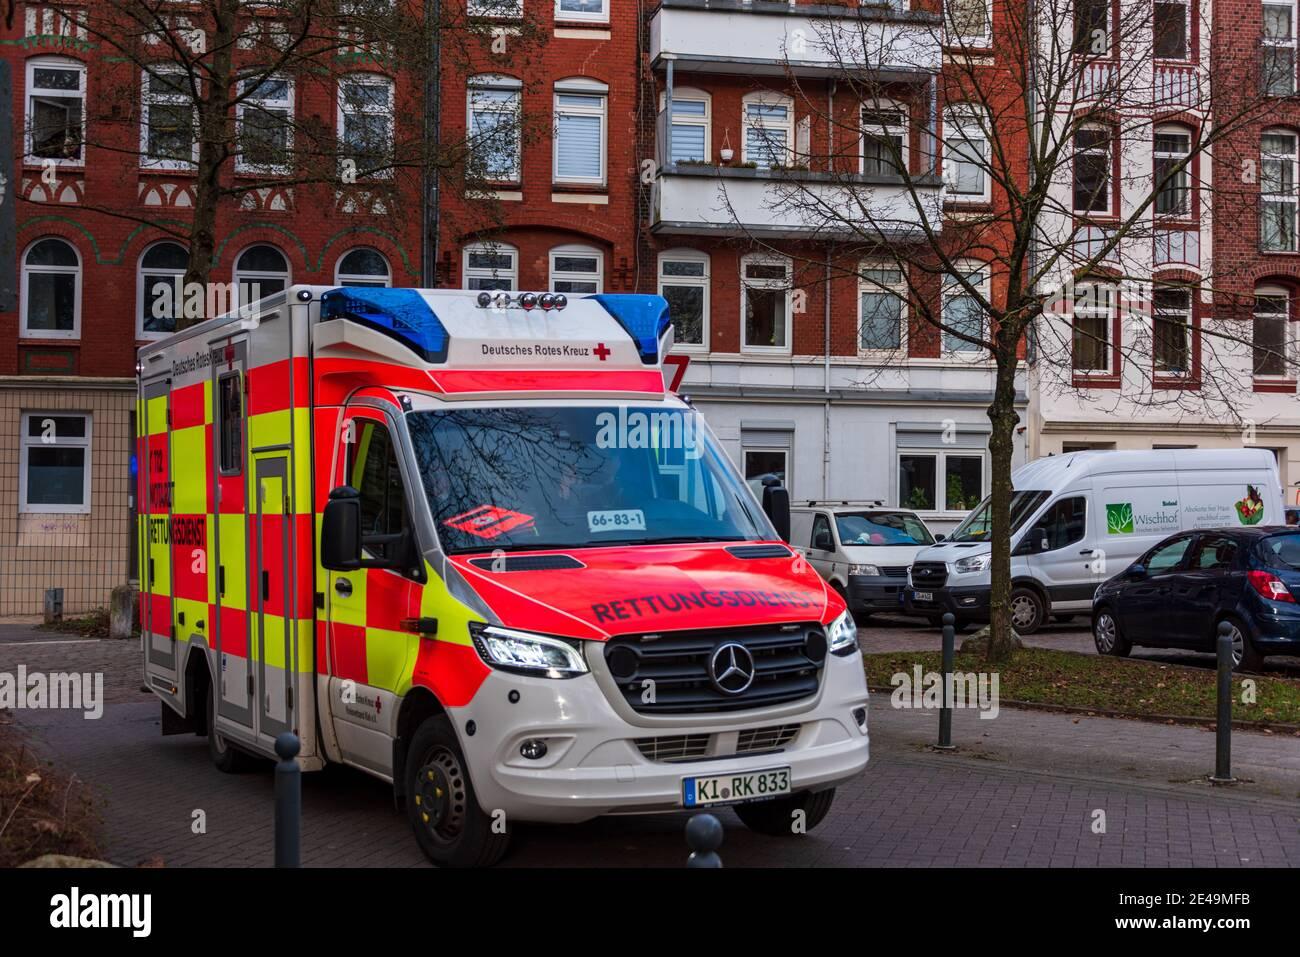 Ein Notar der Deutschen Roten Kreuz im Einsatz in der Kieler Innenstadt Stockfoto